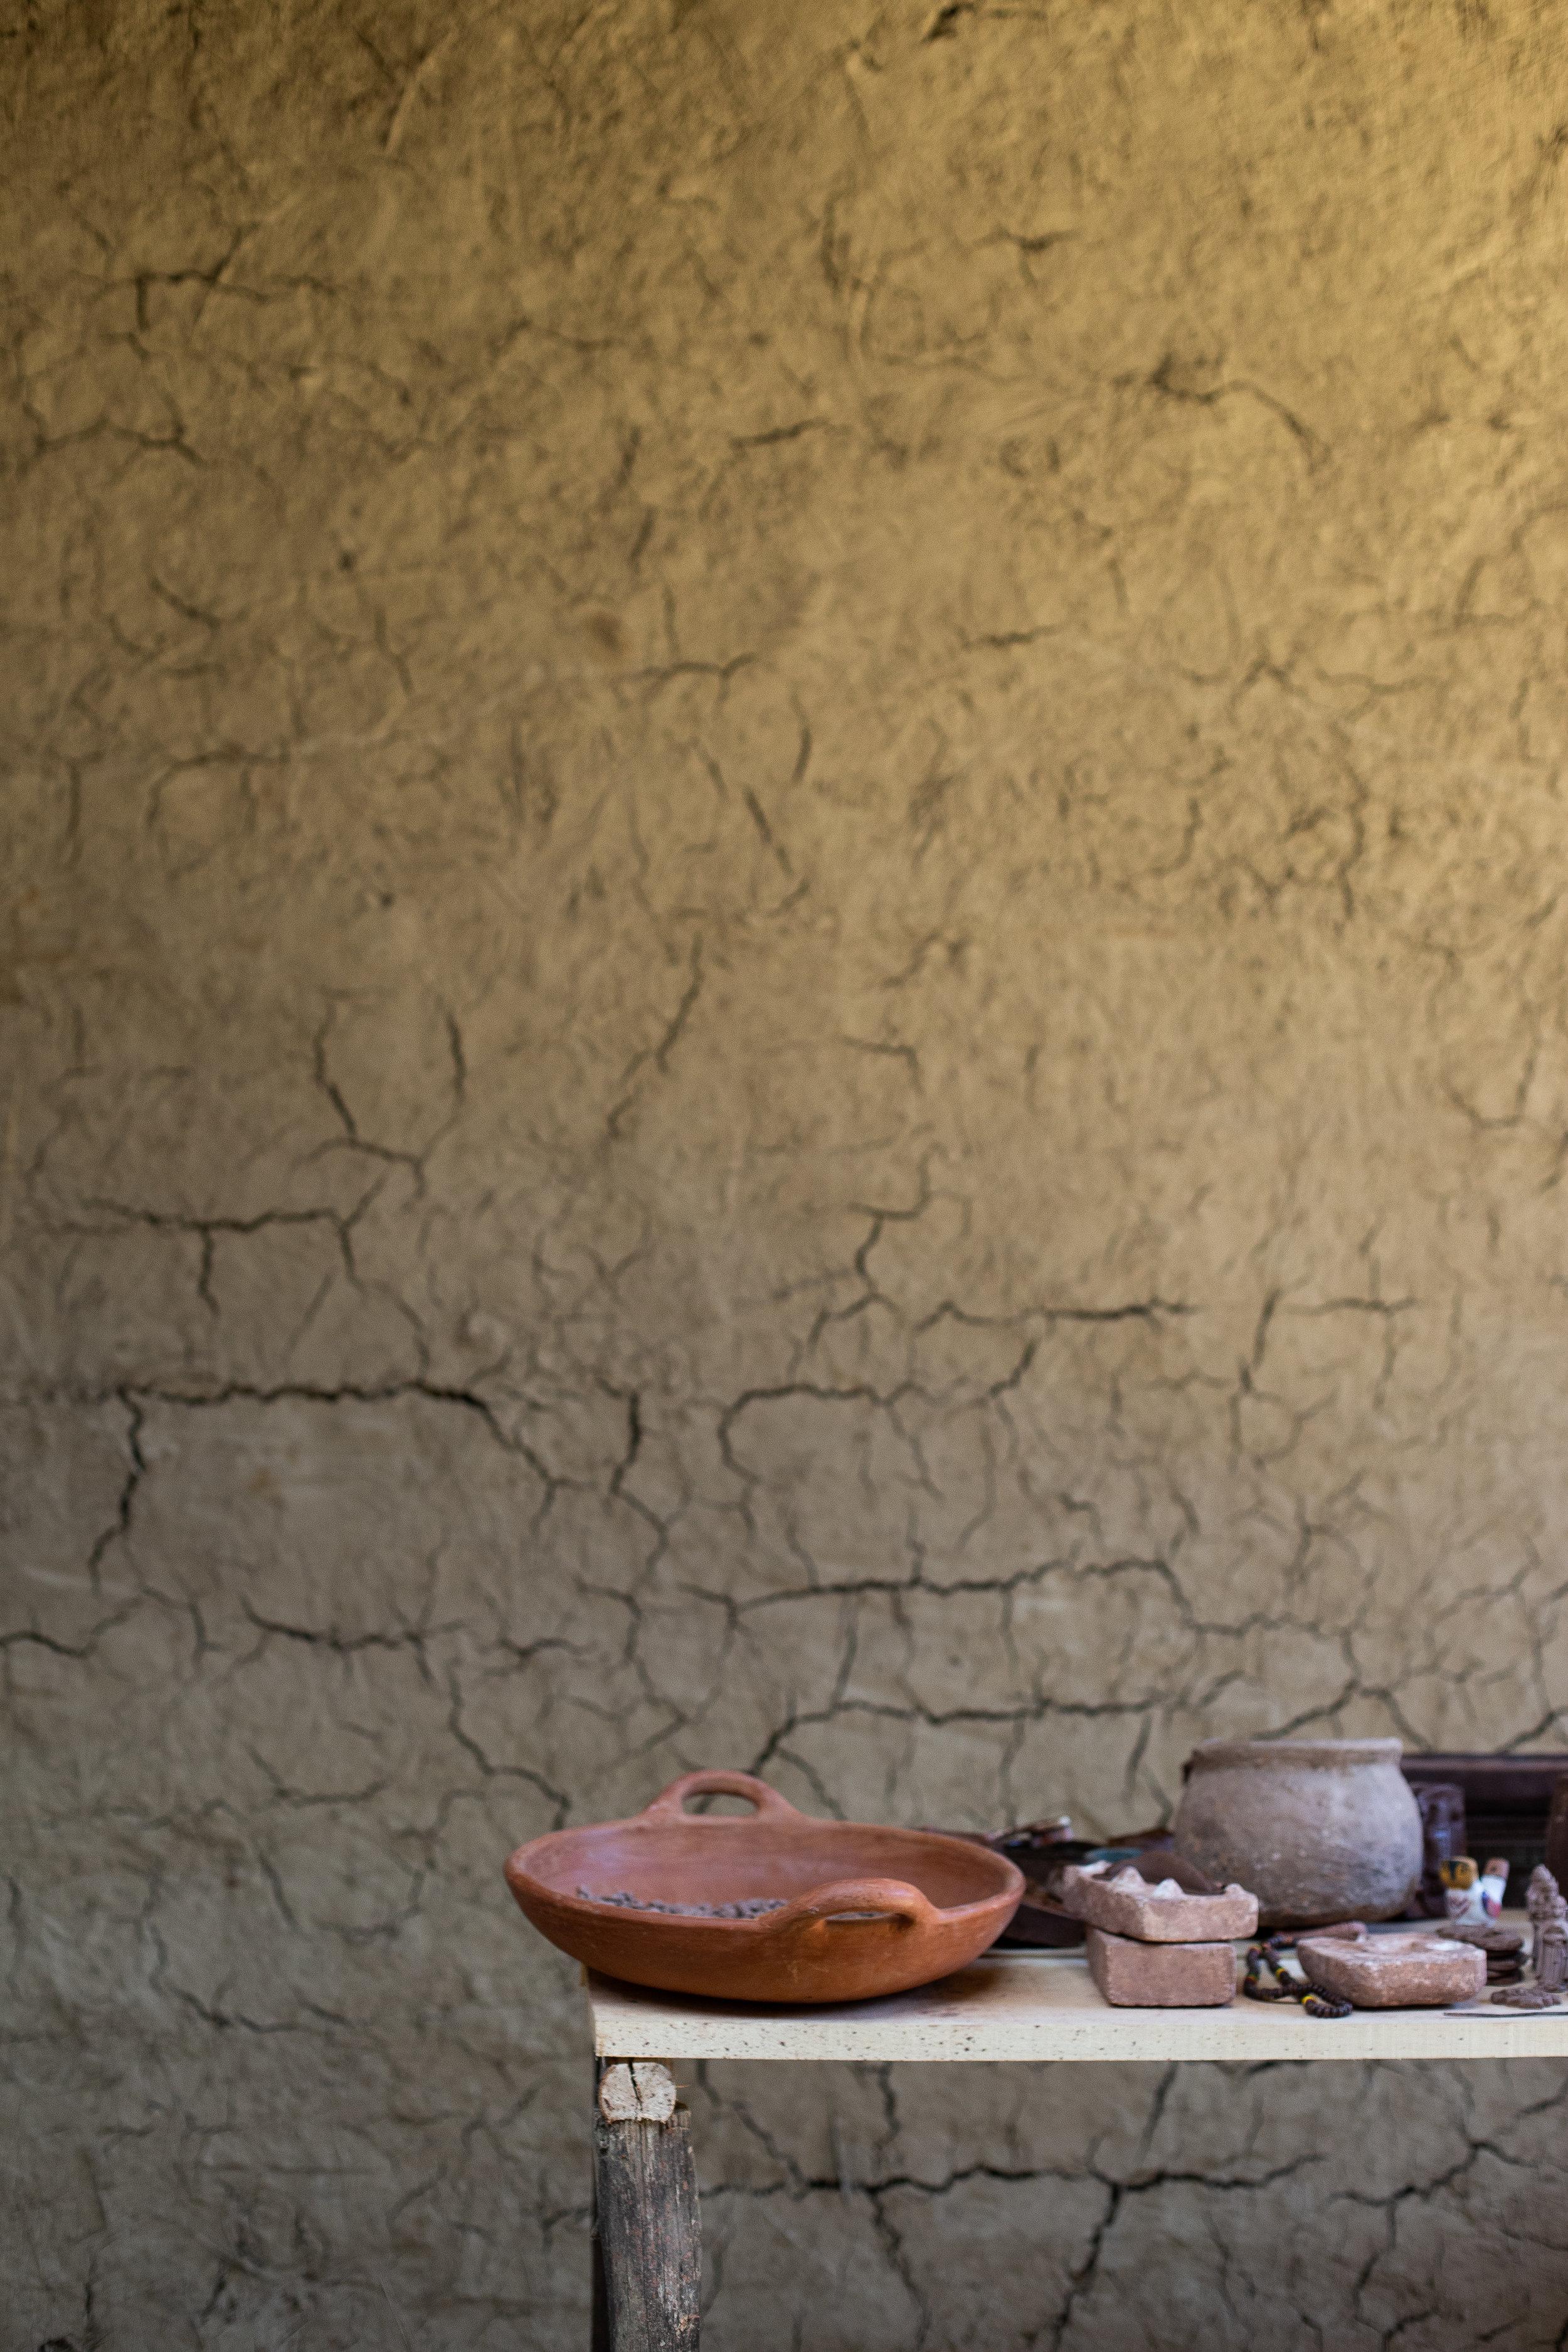 Pottery making - Ollantaytambo, Cusco Region